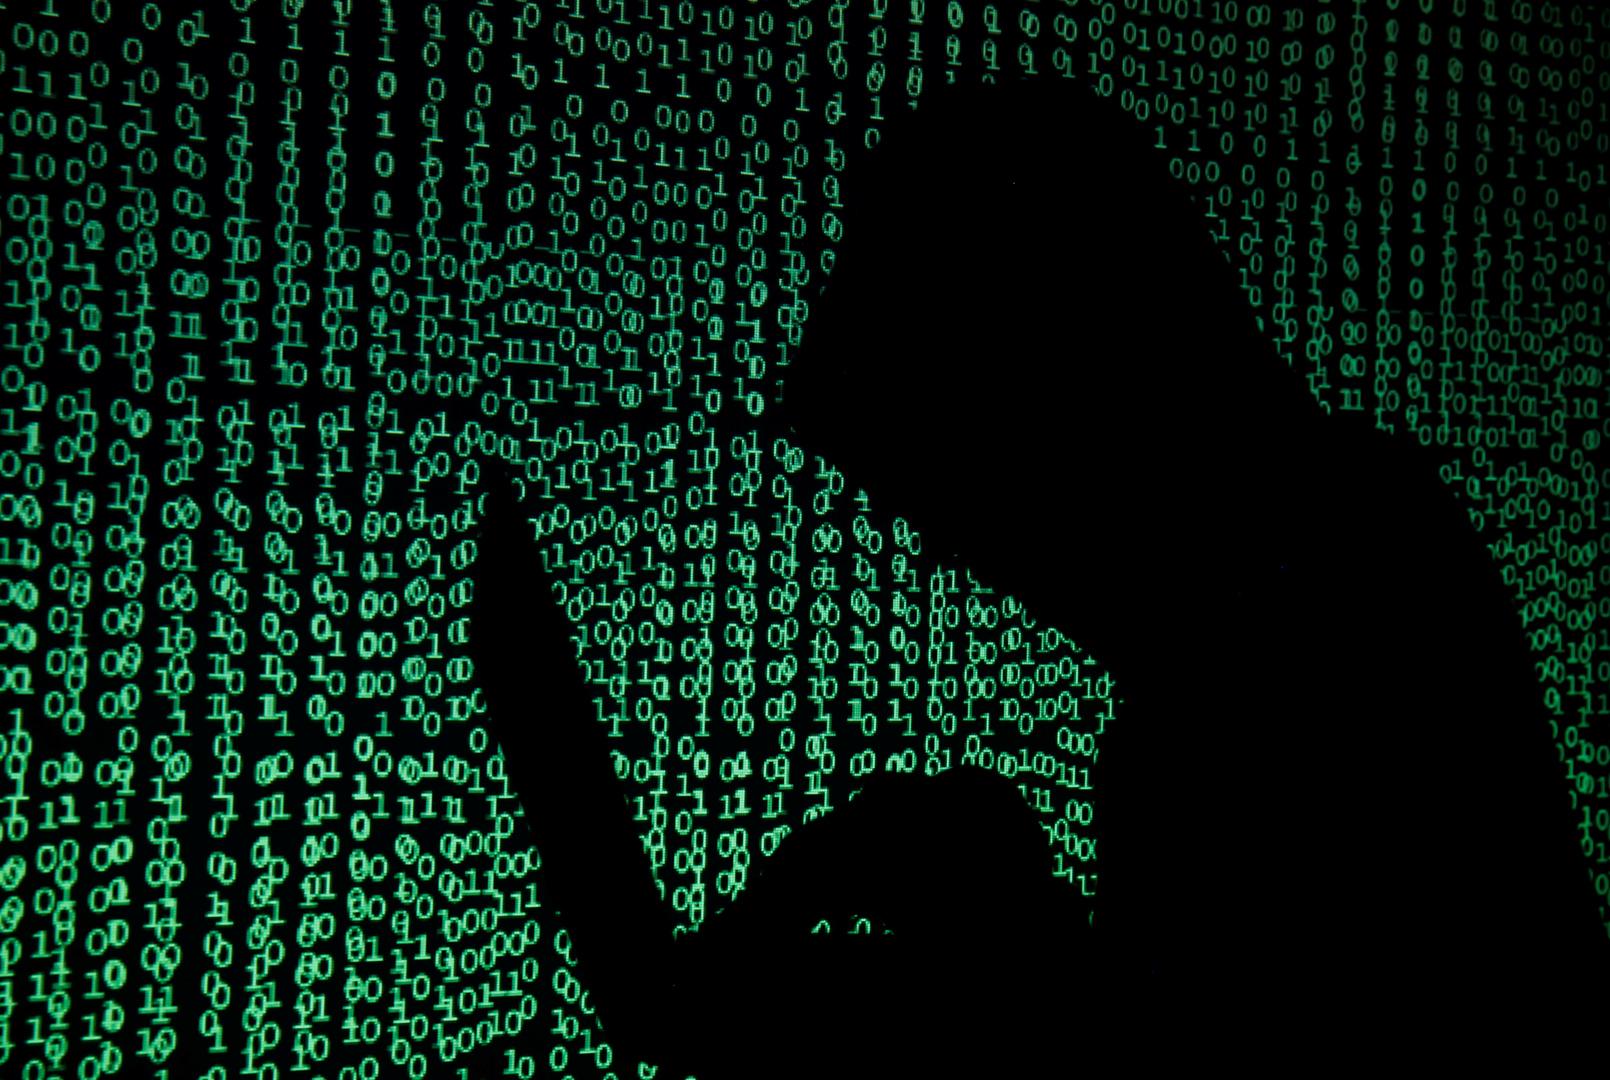 وزارة العدل الأمريكية: مواطن روسي يعترف بذنبه في تدبير هجوم إلكتروني على شركة بنيفادا